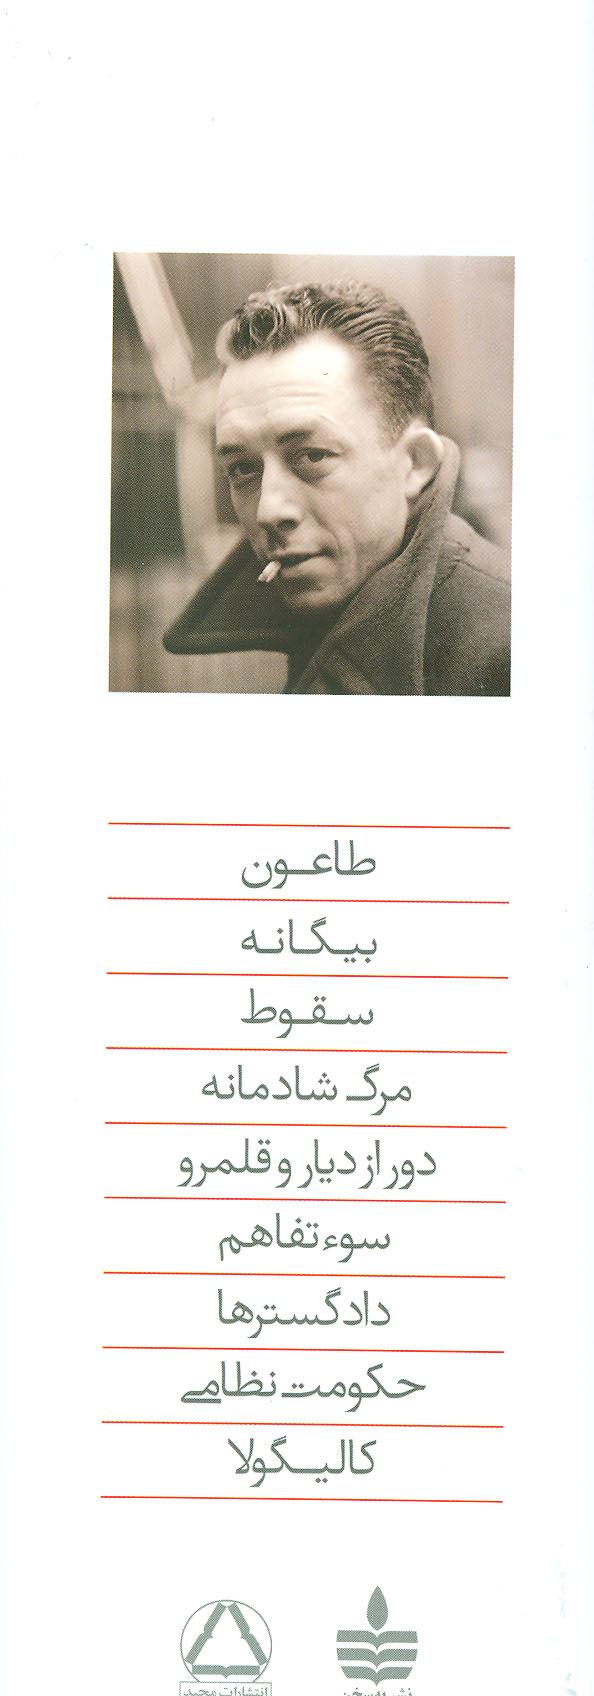 کتاب مجموعه آثار آلبر کامو